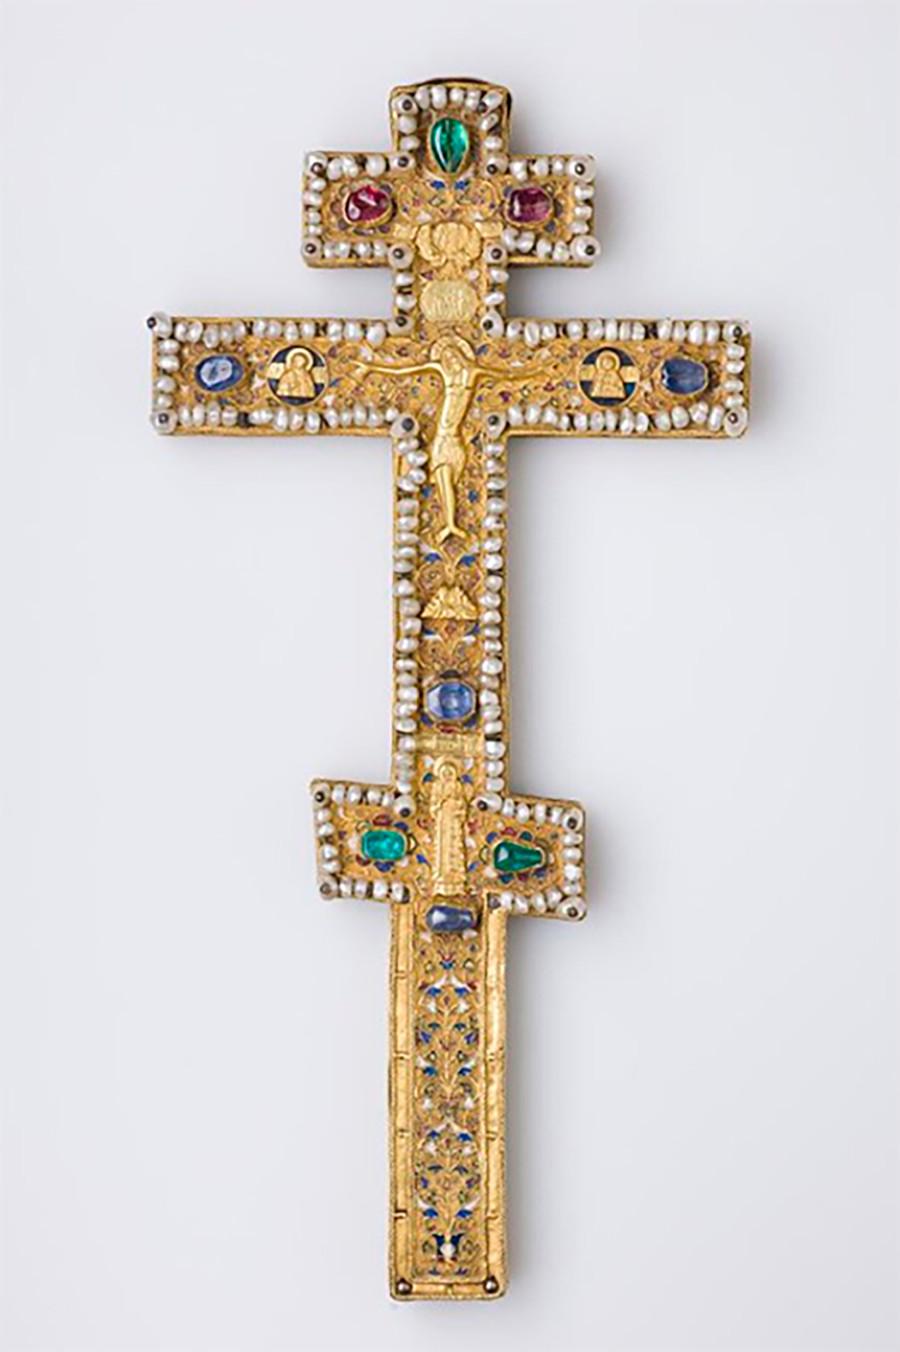 Croix d'autel, seconde moitié du XVIIe siècle. Contribution du tsar Boris Godounov au monastère Tchoudov (détruit en 1932), en 1599